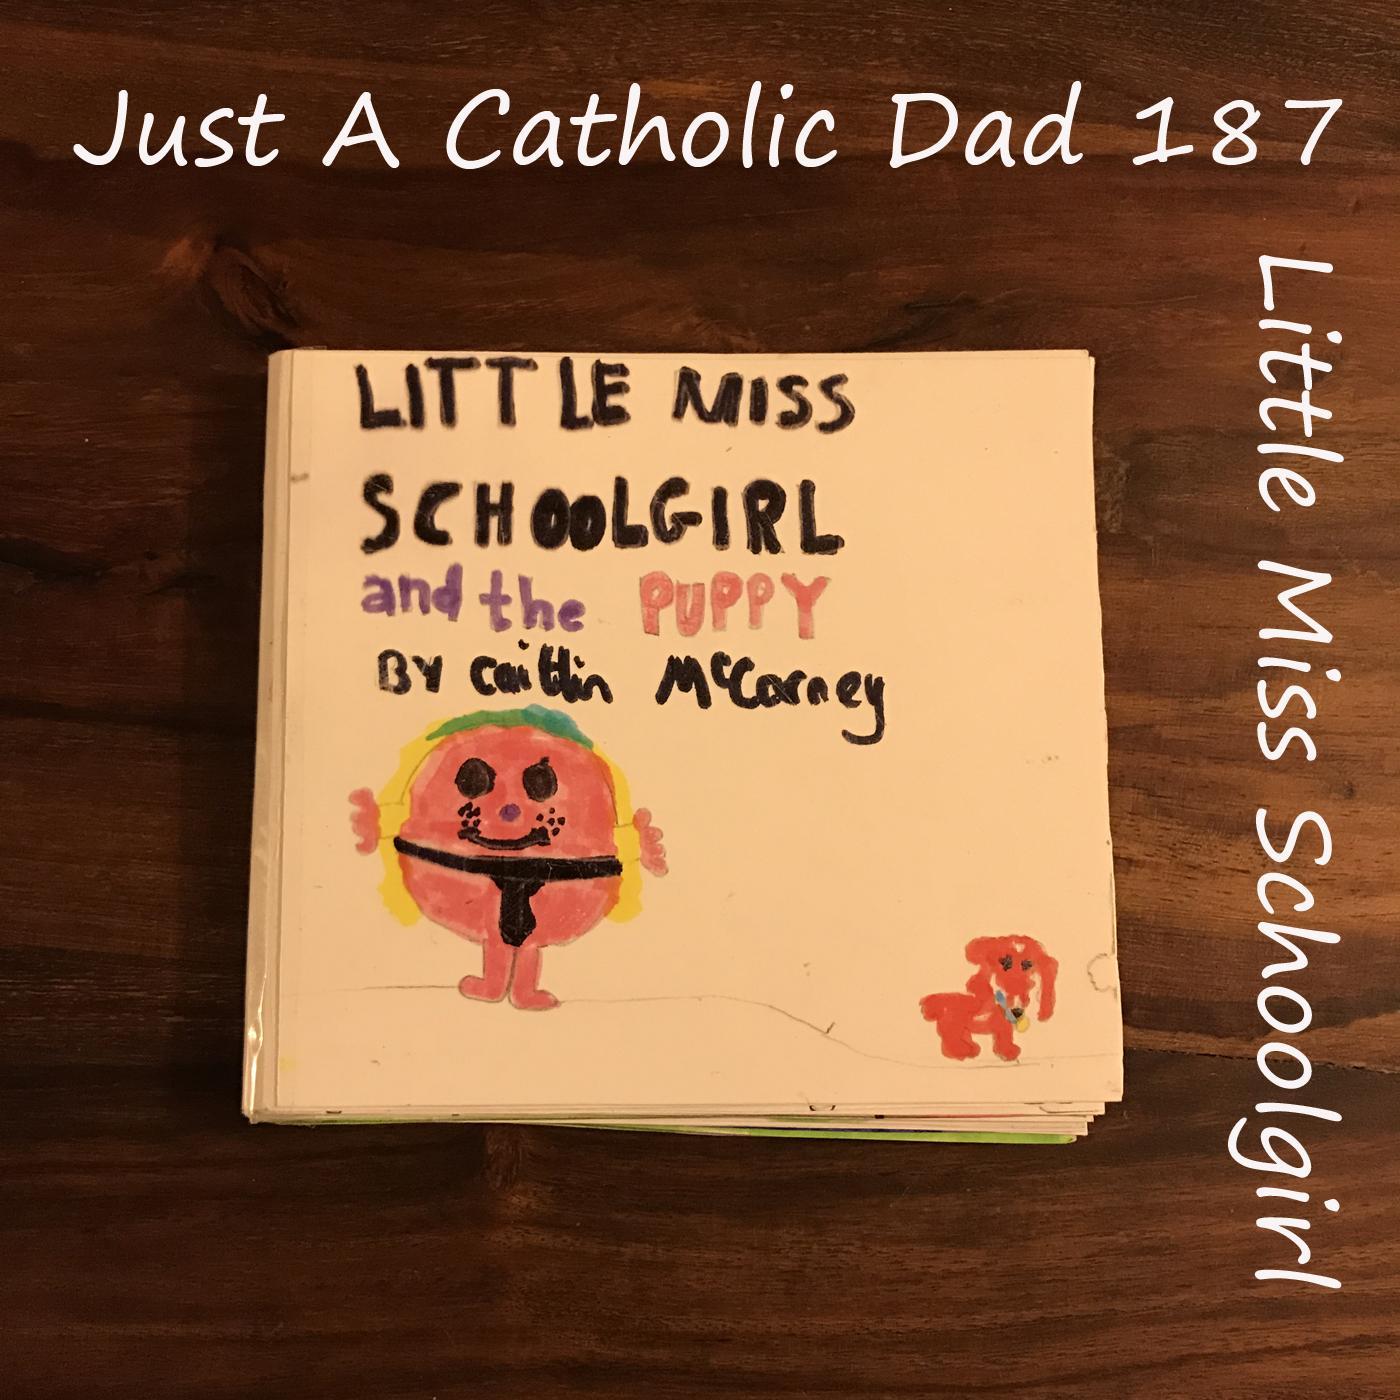 JACD 187 - Little Miss Schoolgirl